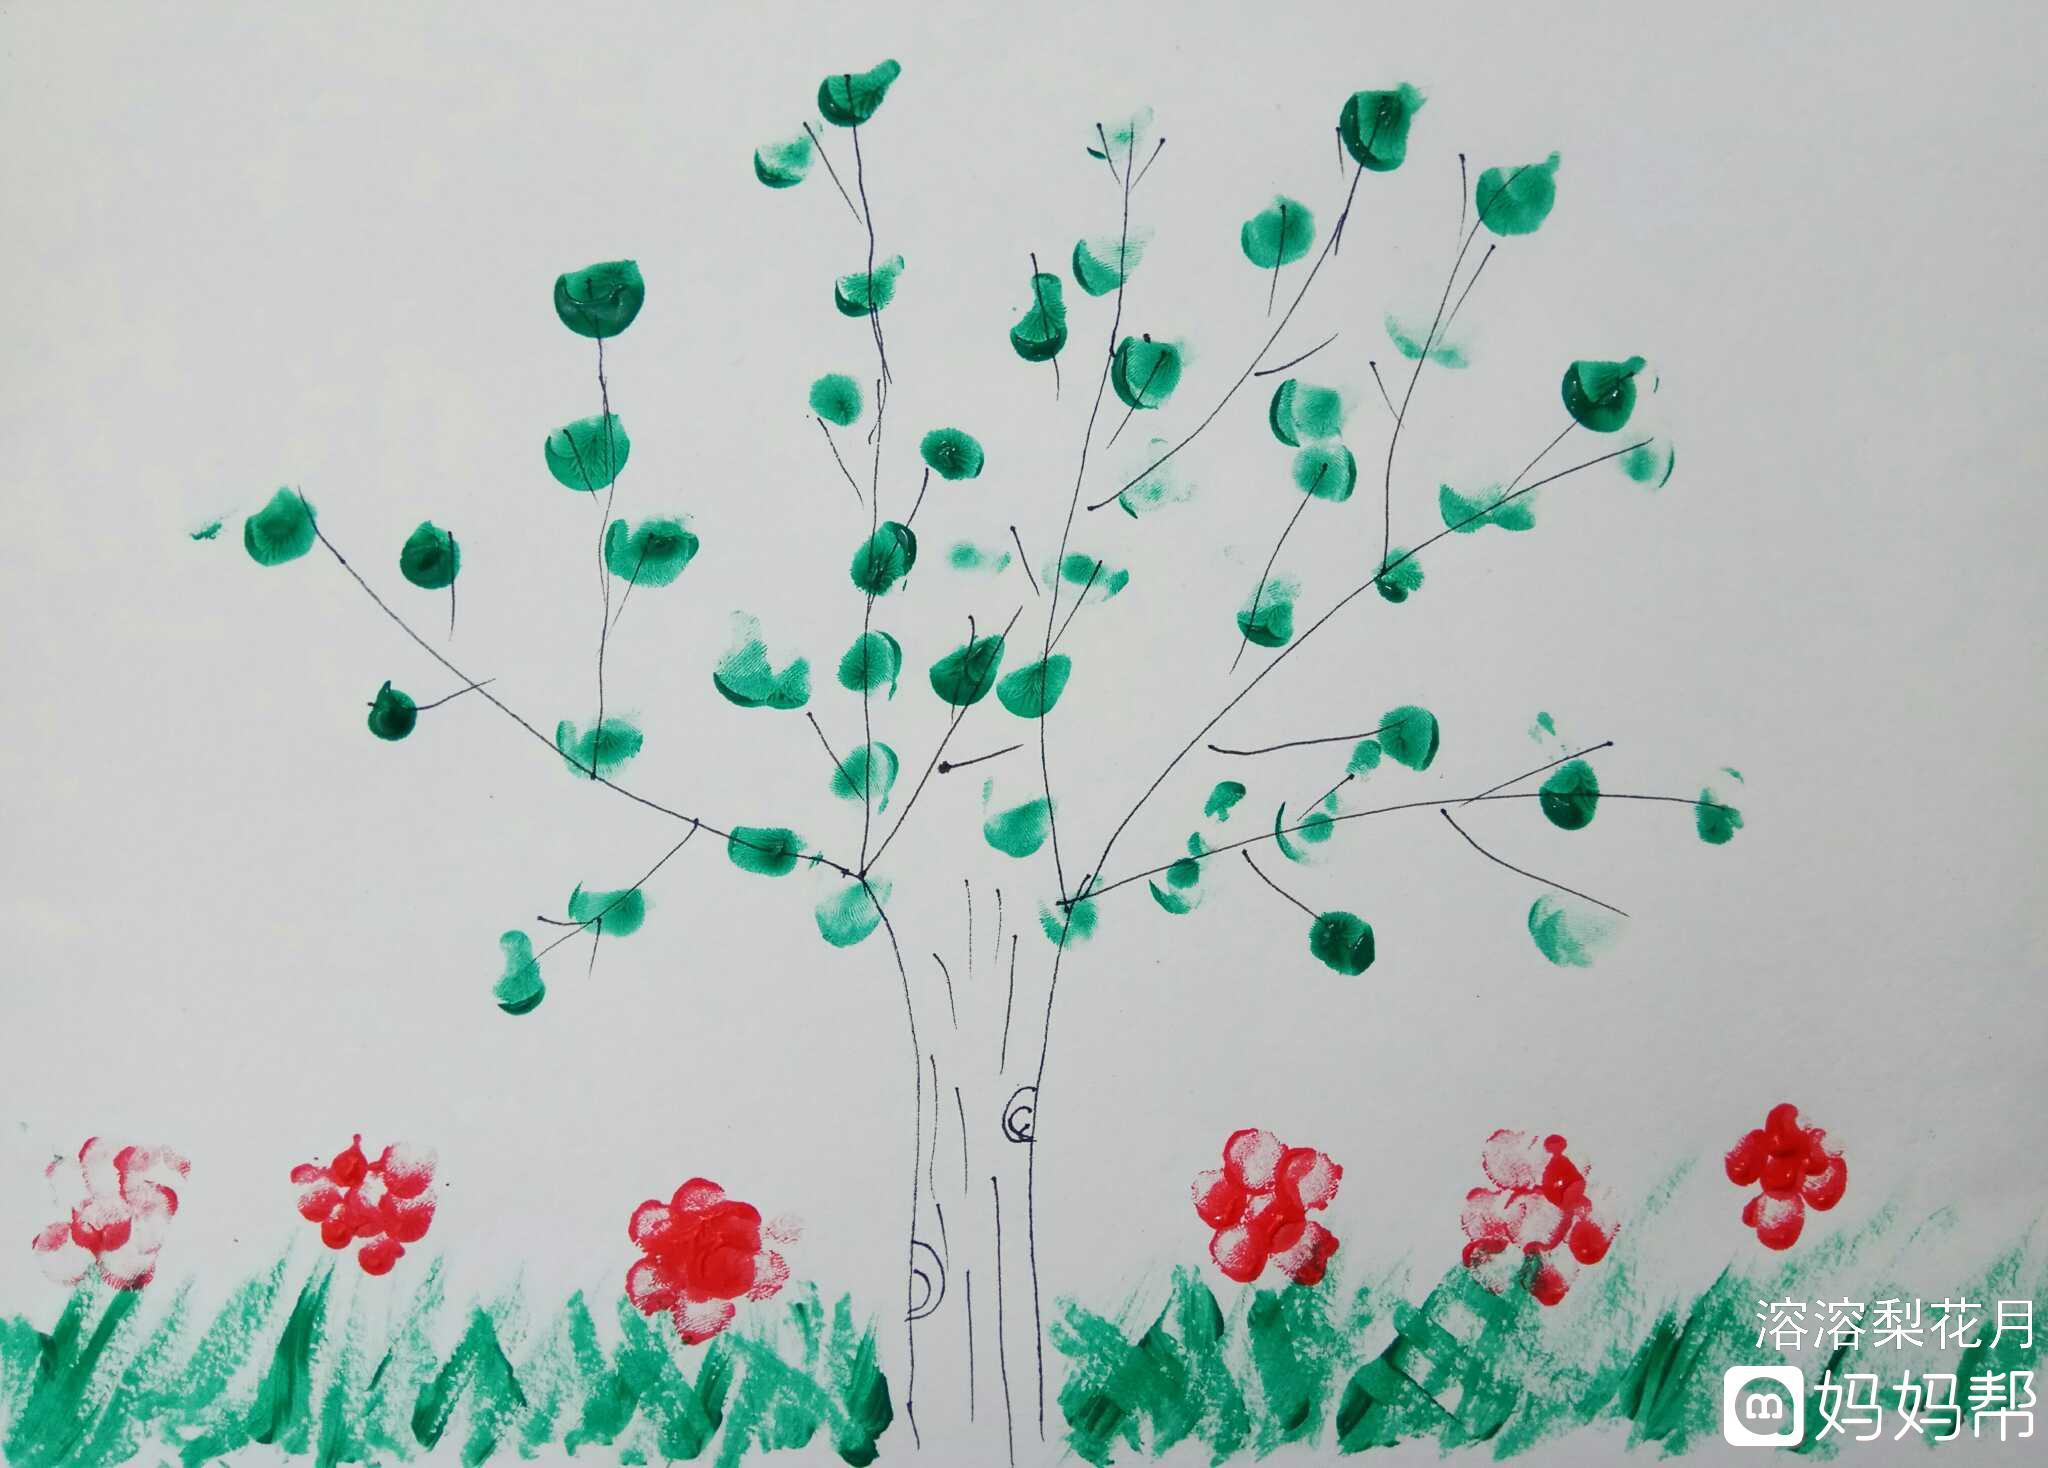 前段时间给买的颜料,小家伙特别喜欢,画了好多手指画,这个画的大树图片